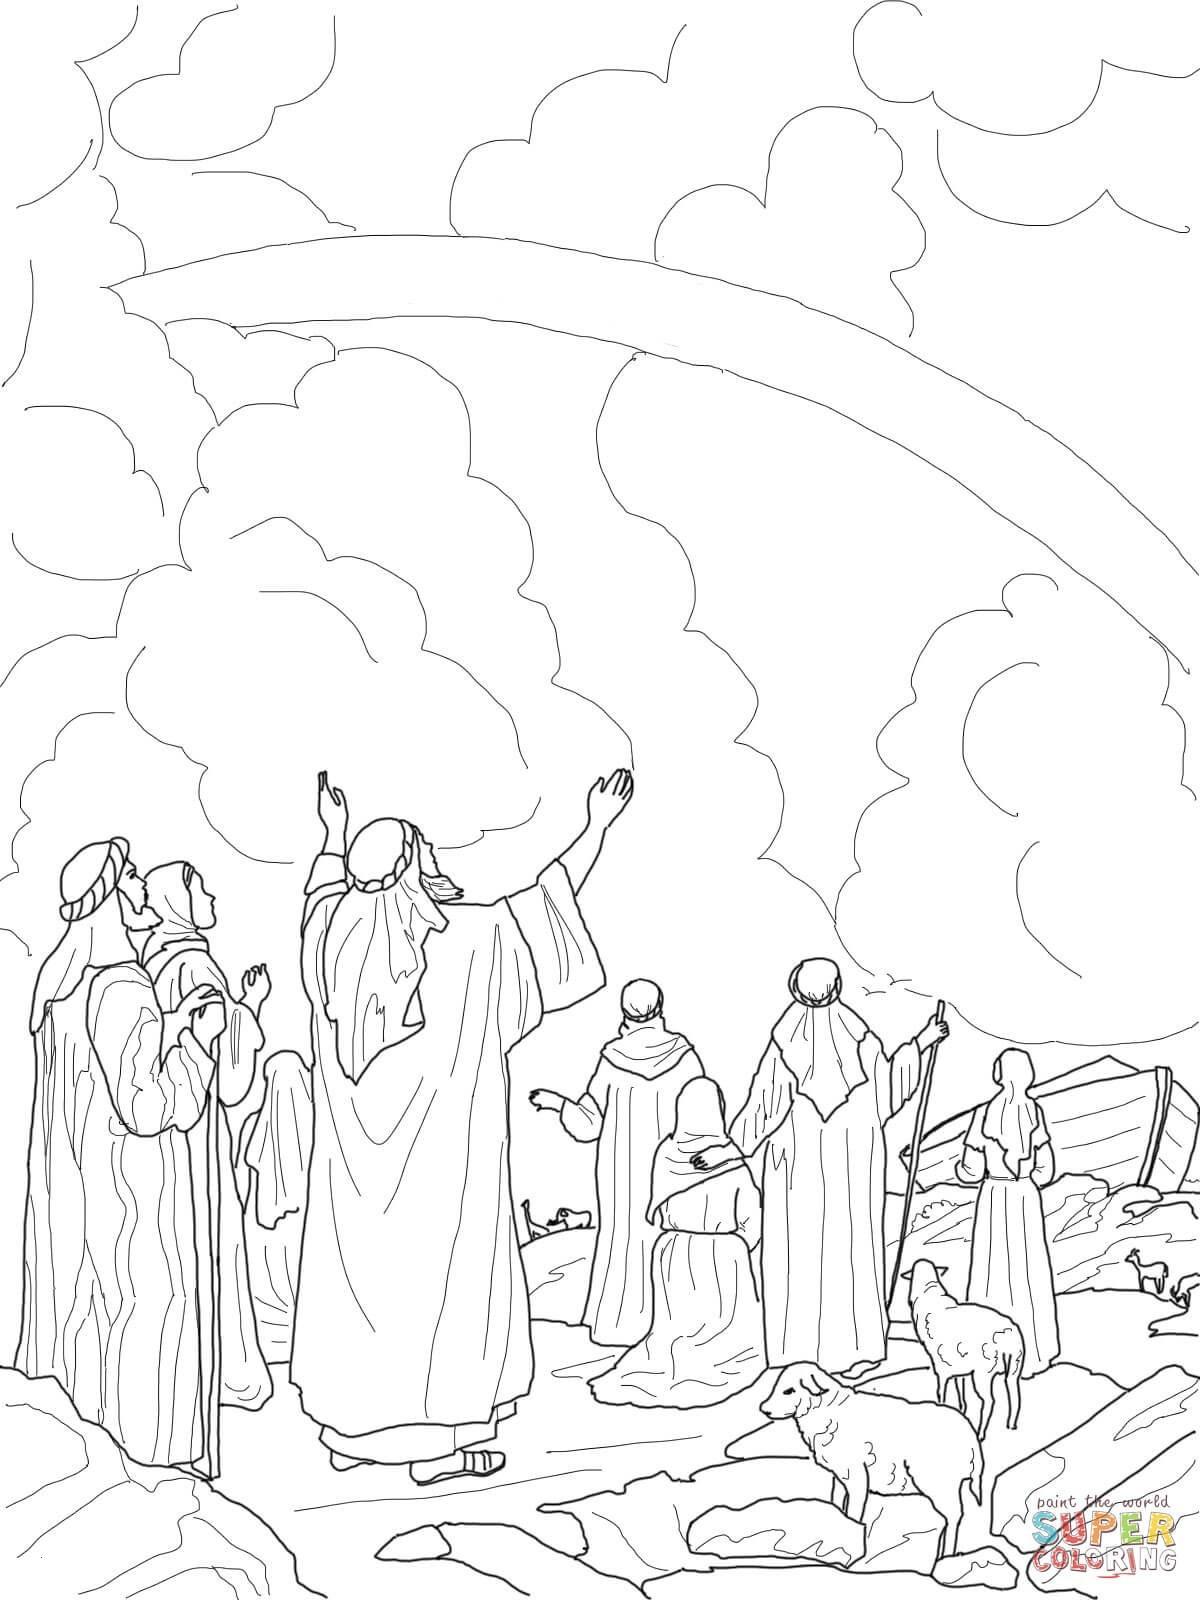 Arche Noah Ausmalbild Das Beste Von Noah Und Die Arche Malvorlagen Genial 35 Ausmalbilder Arche Noah Galerie